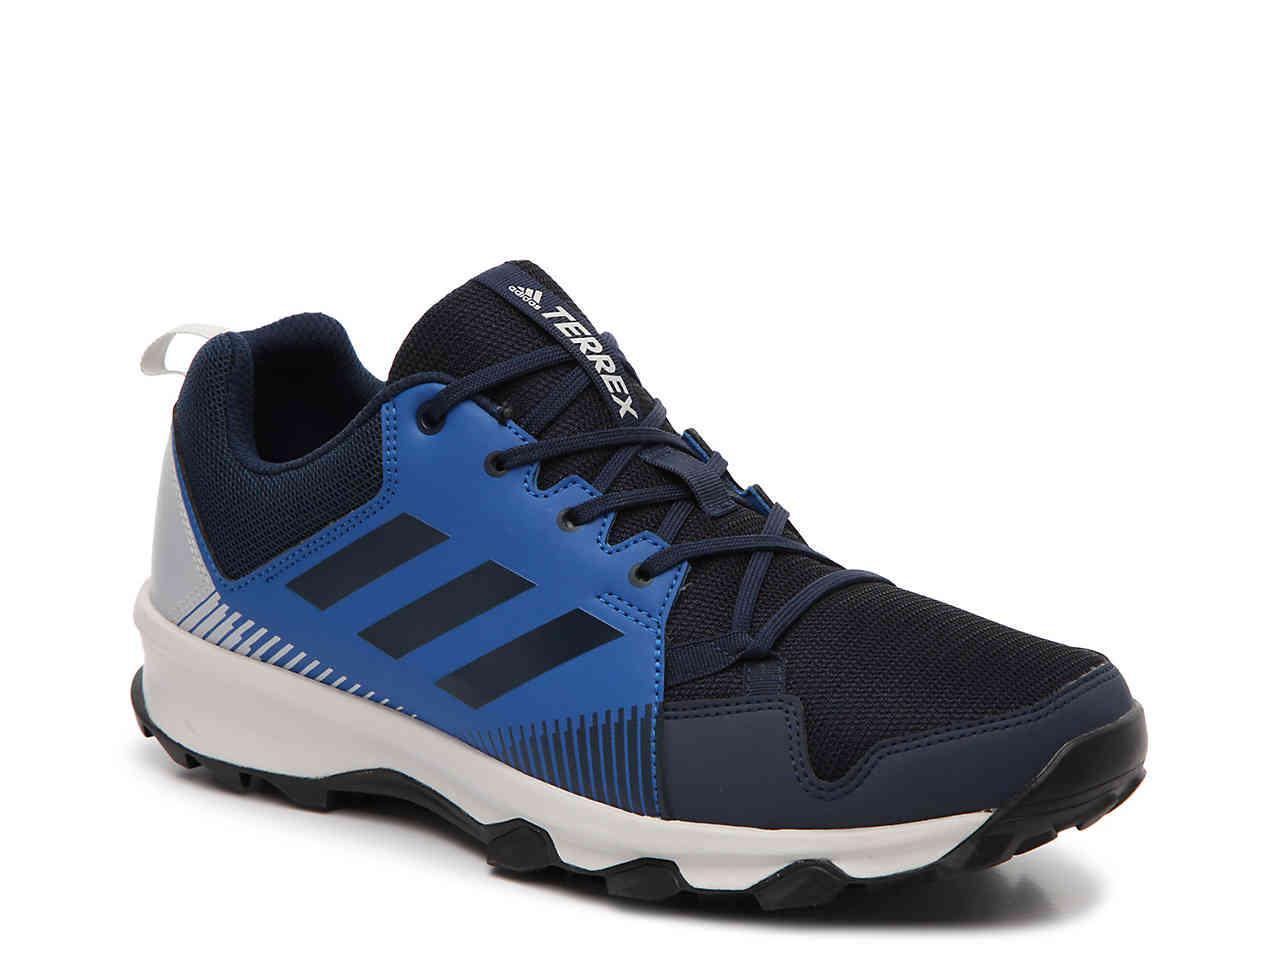 lyst adidas terrex tracerocker tracce scarpa blu per gli uomini.